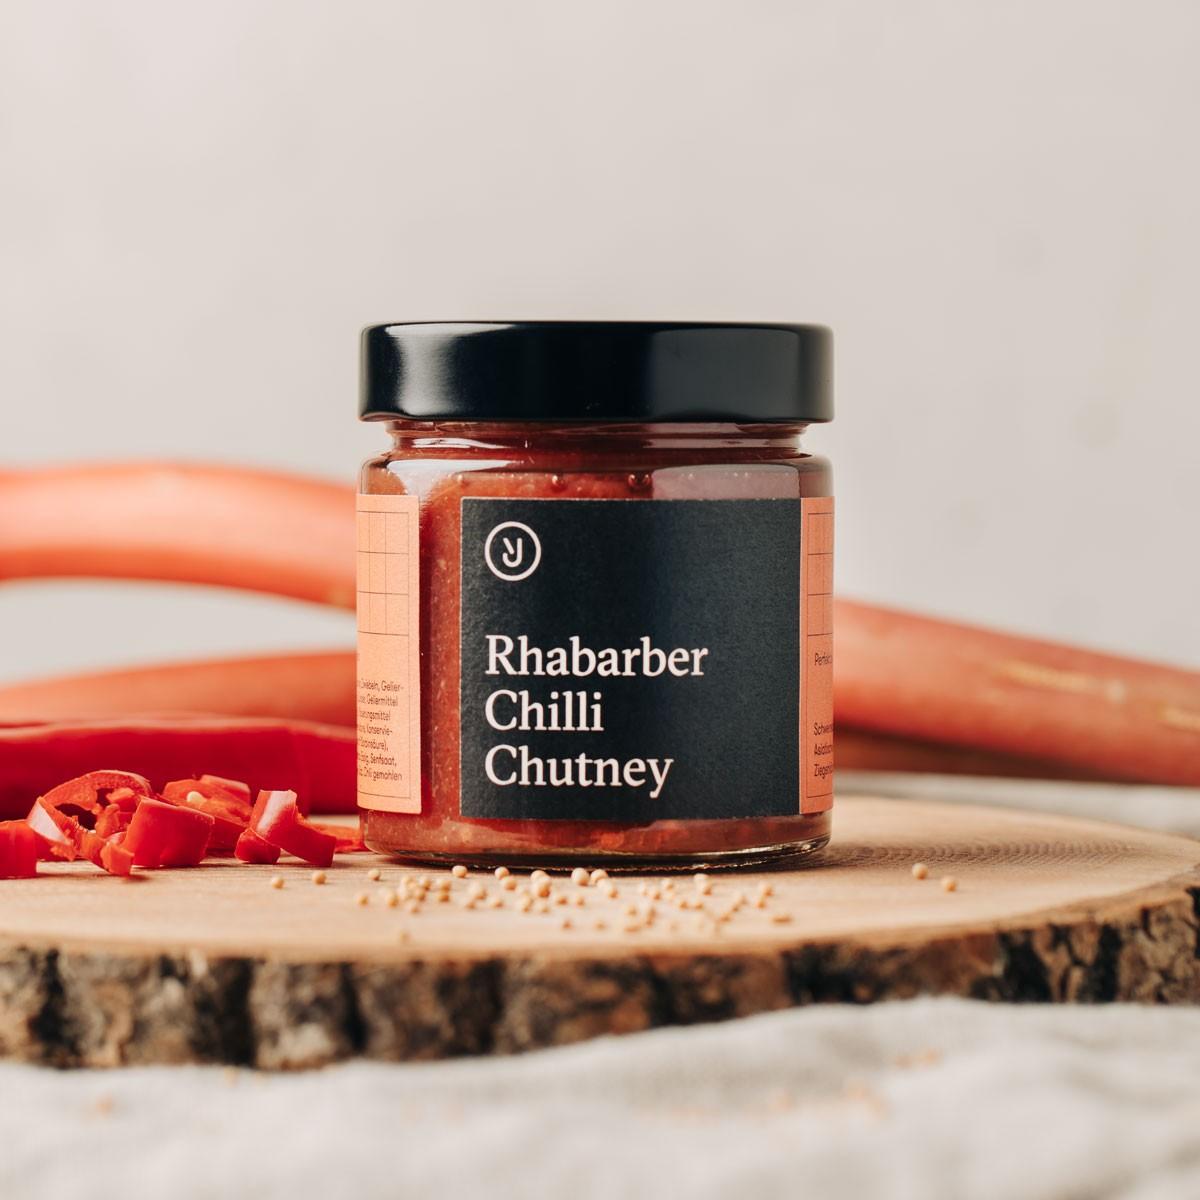 Essen für uns - Rhabarber Chili Chutney (180g)